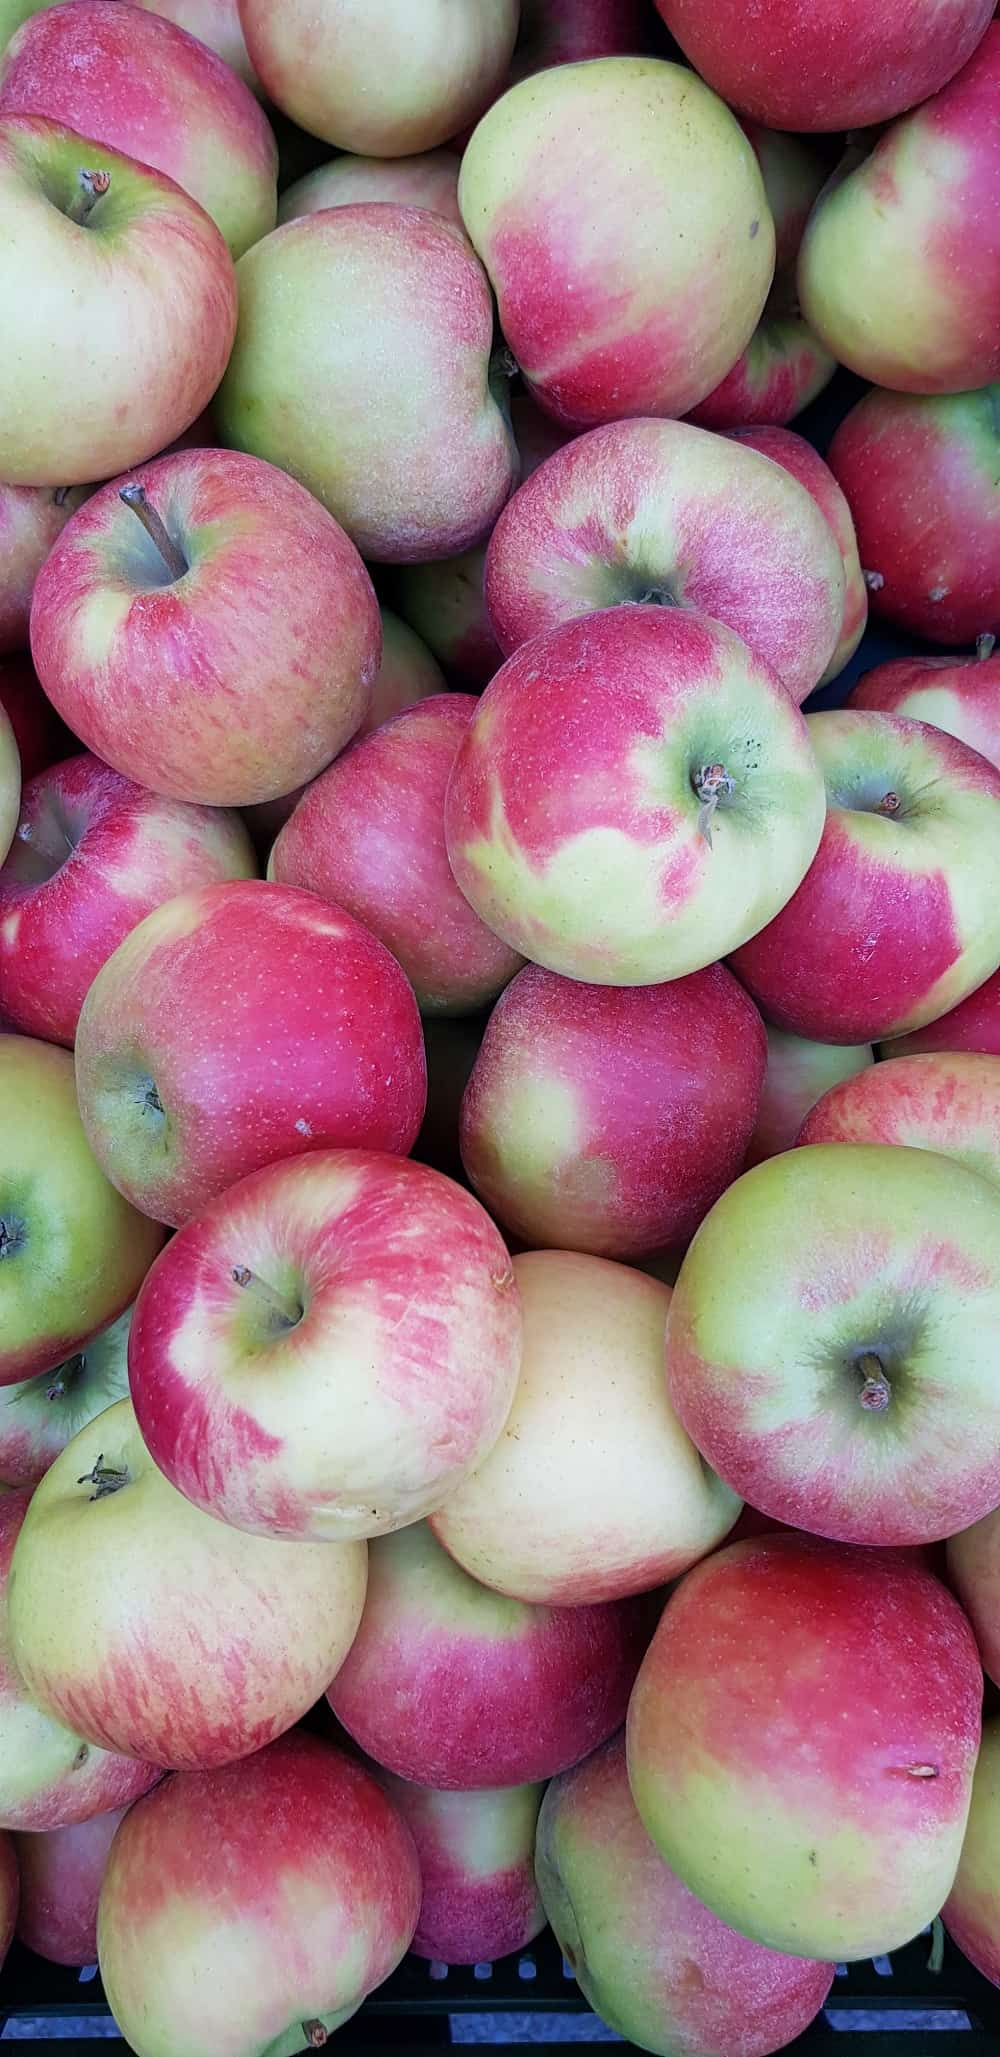 gros plan sur des pommes au marché